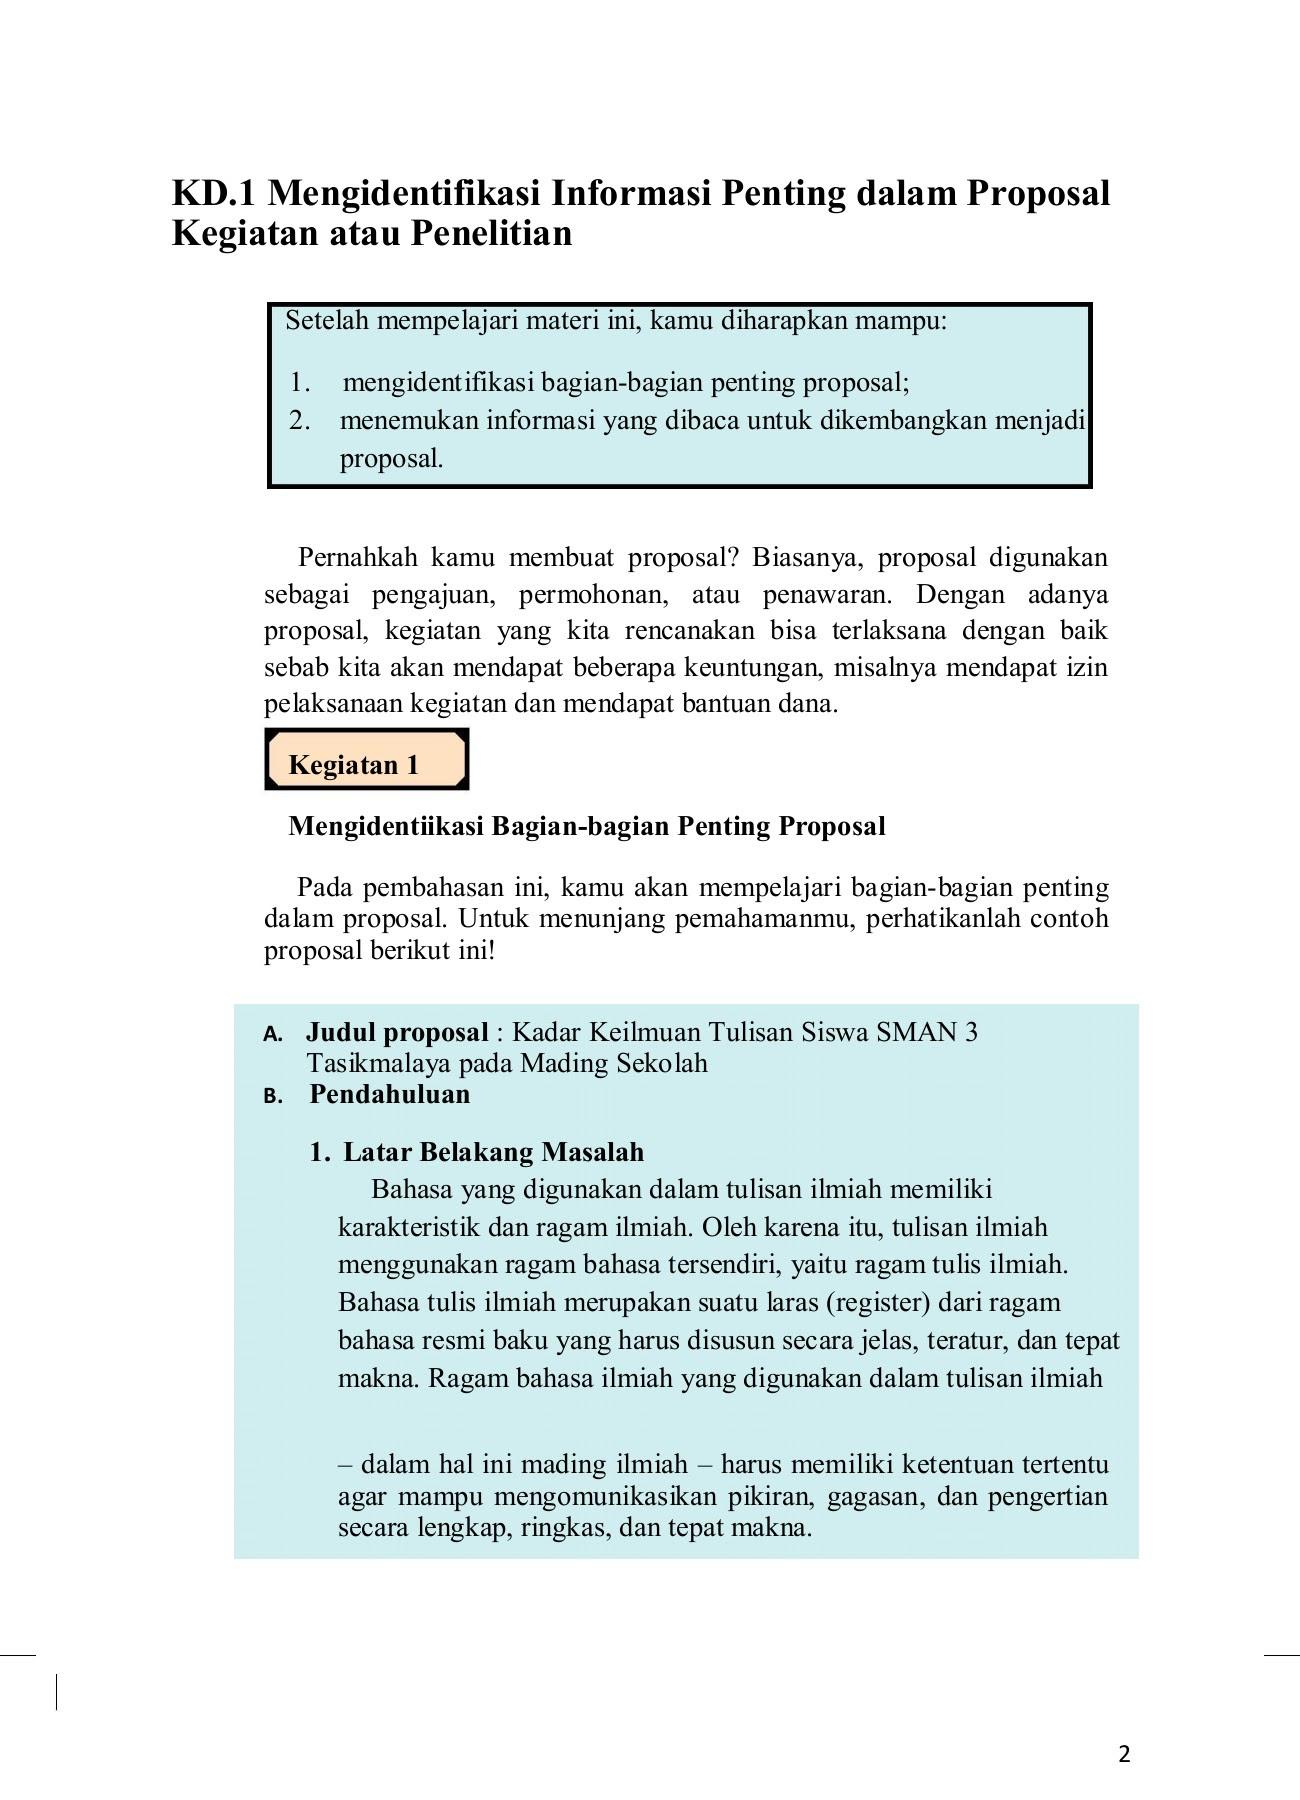 Bagian Bagian Penting Proposal Guru Ilmu Sosial